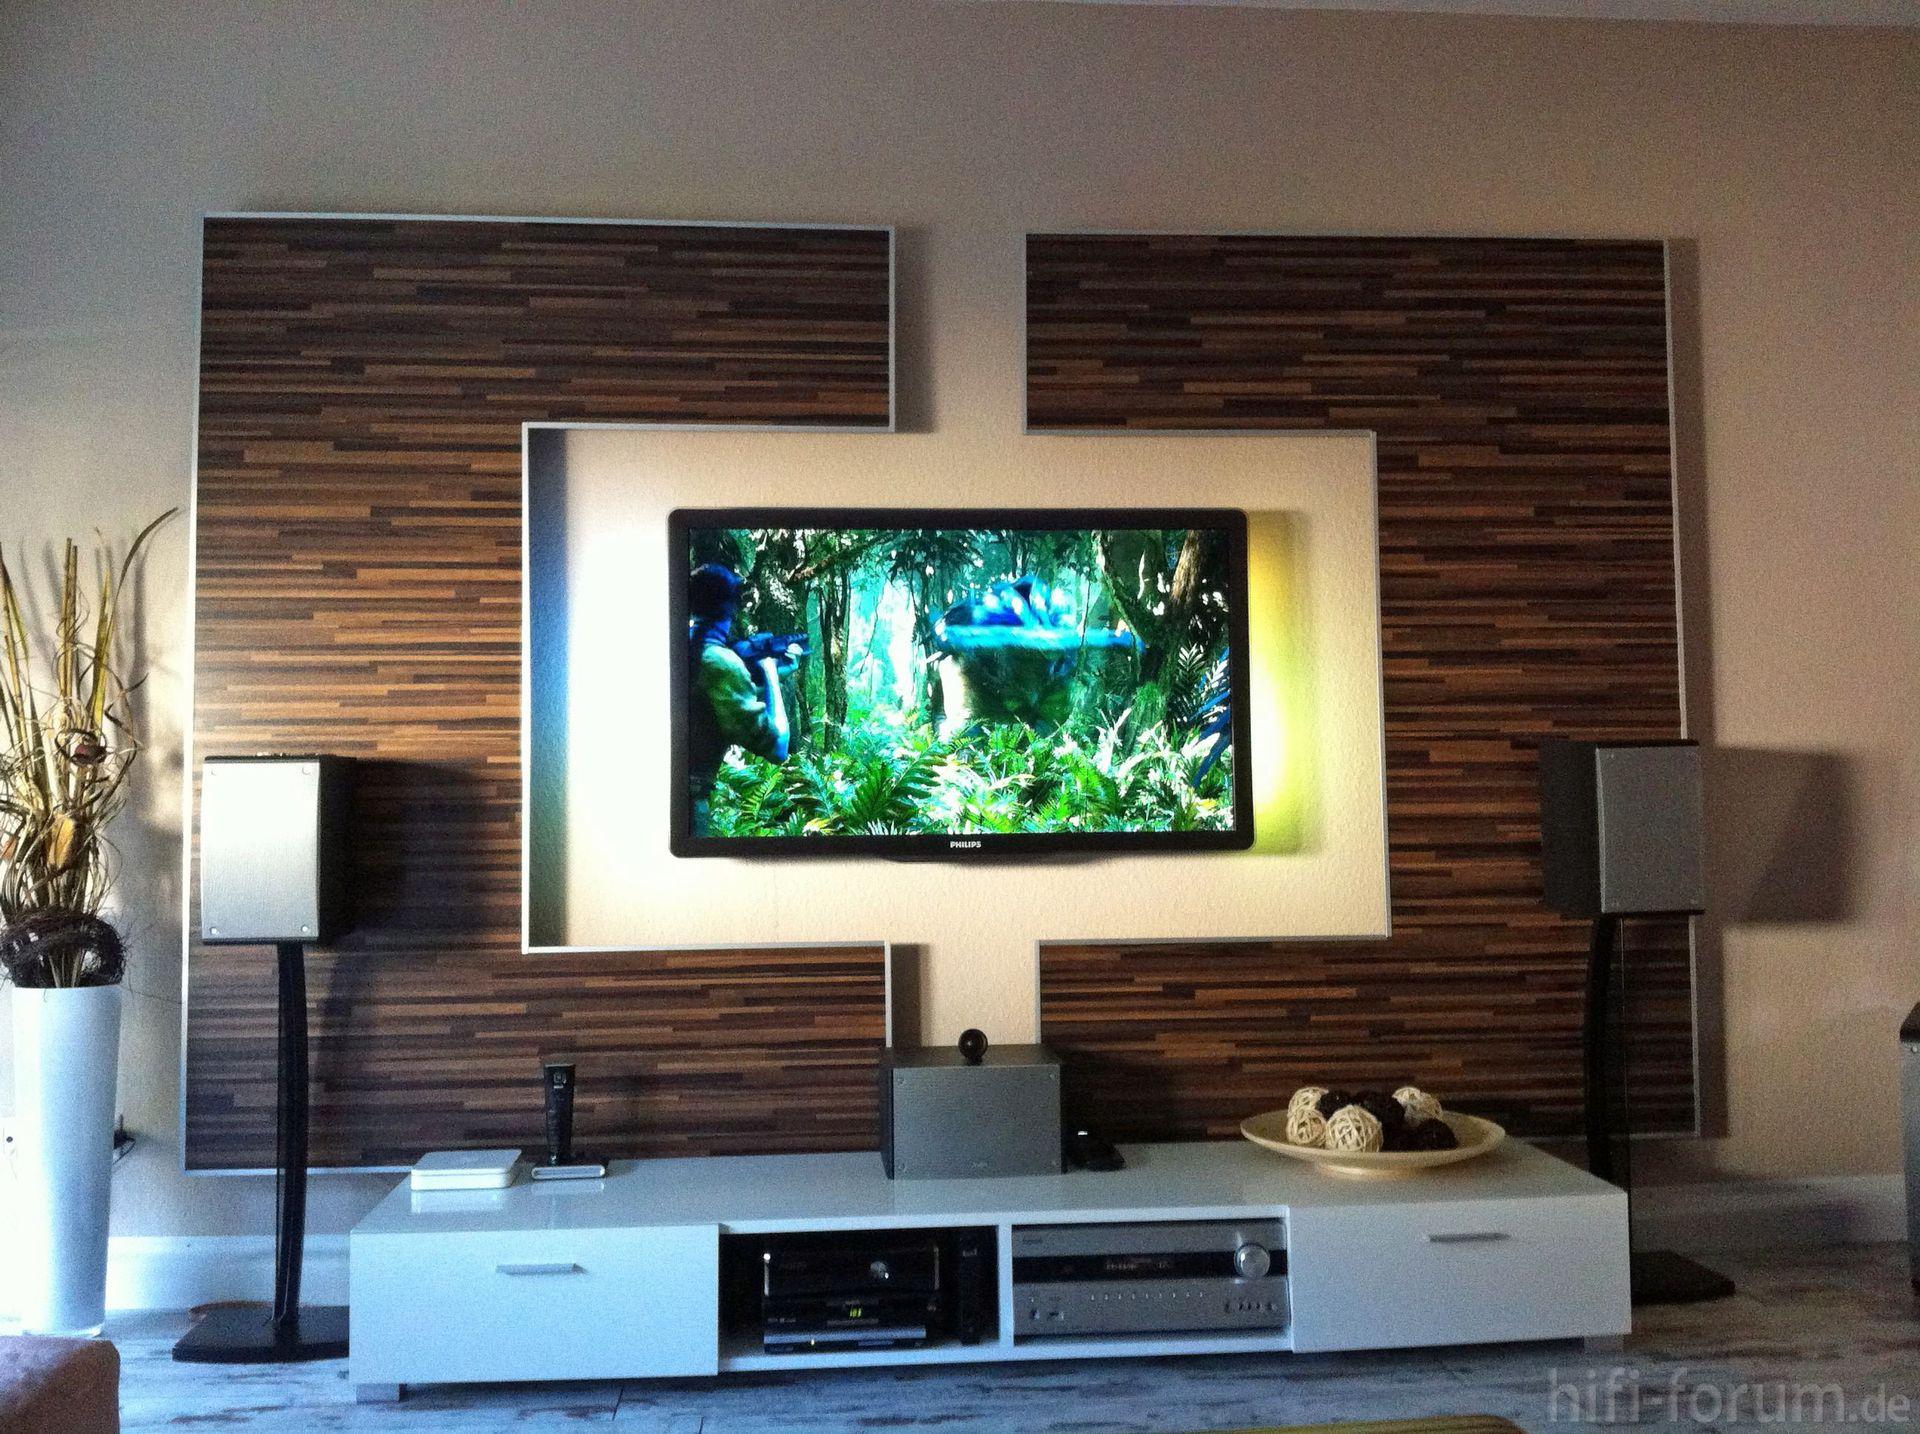 Wohnwand selber planen  Die besten 25+ Selber bauen tv wand Ideen auf Pinterest ...